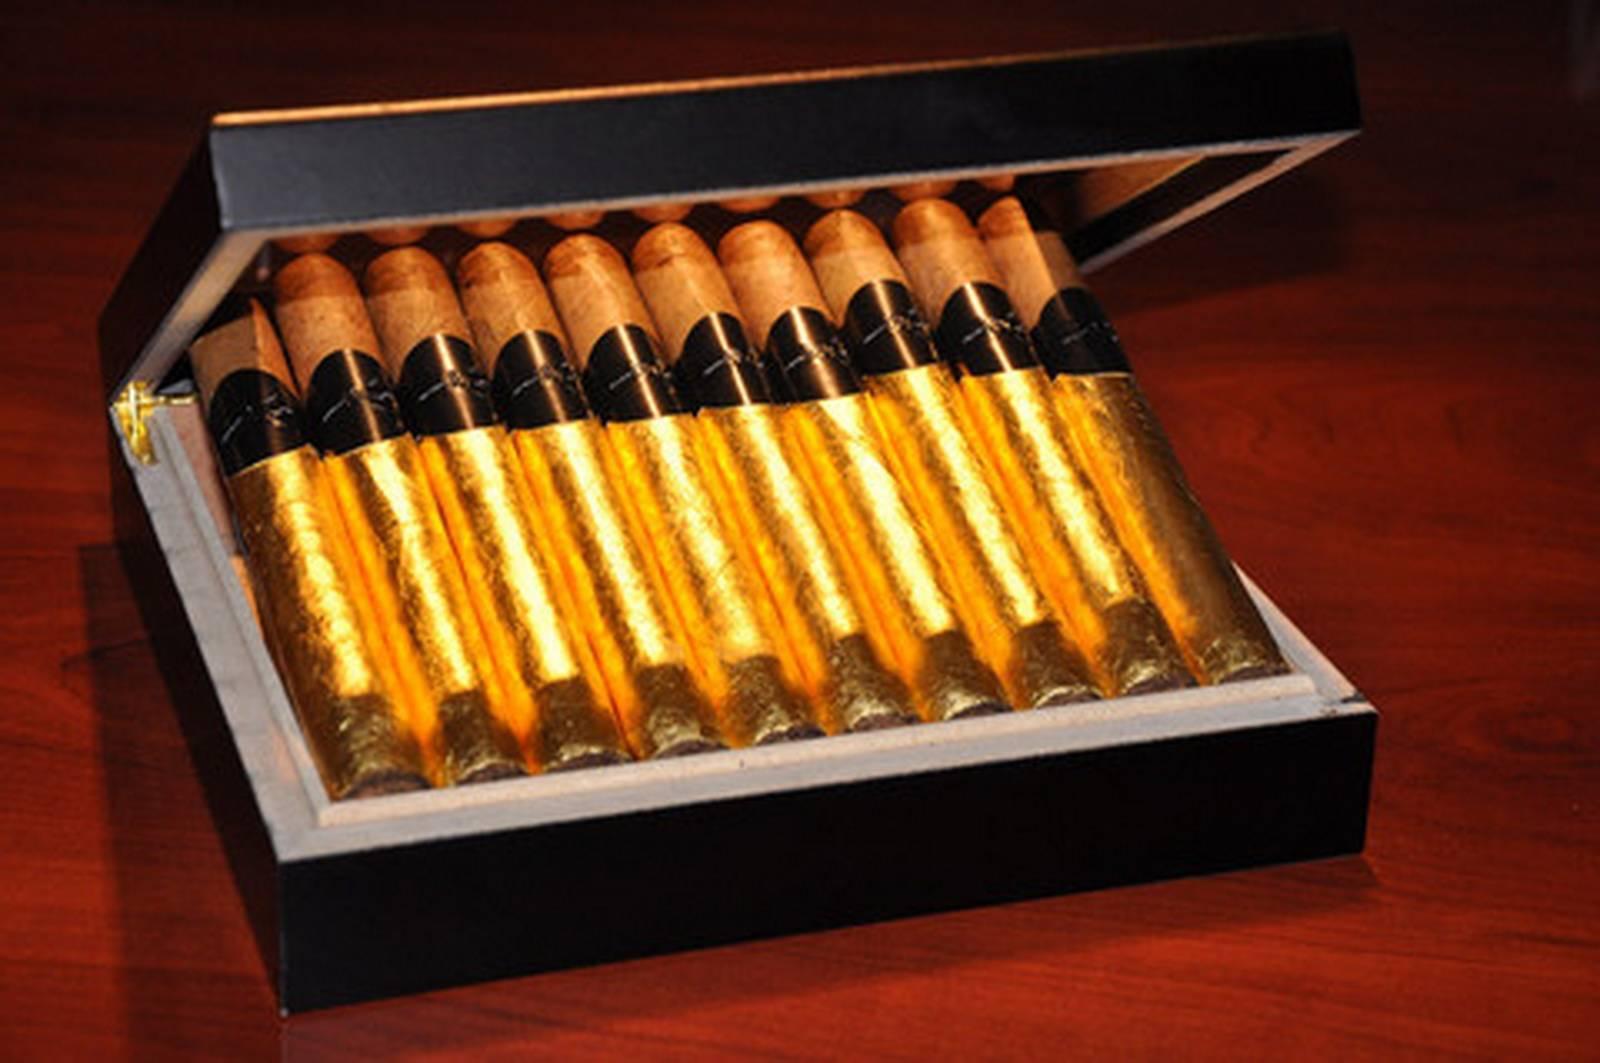 Самые дорогие сигары в мире: название, рейтинг, страна происхождения - новости, статьи и обзоры